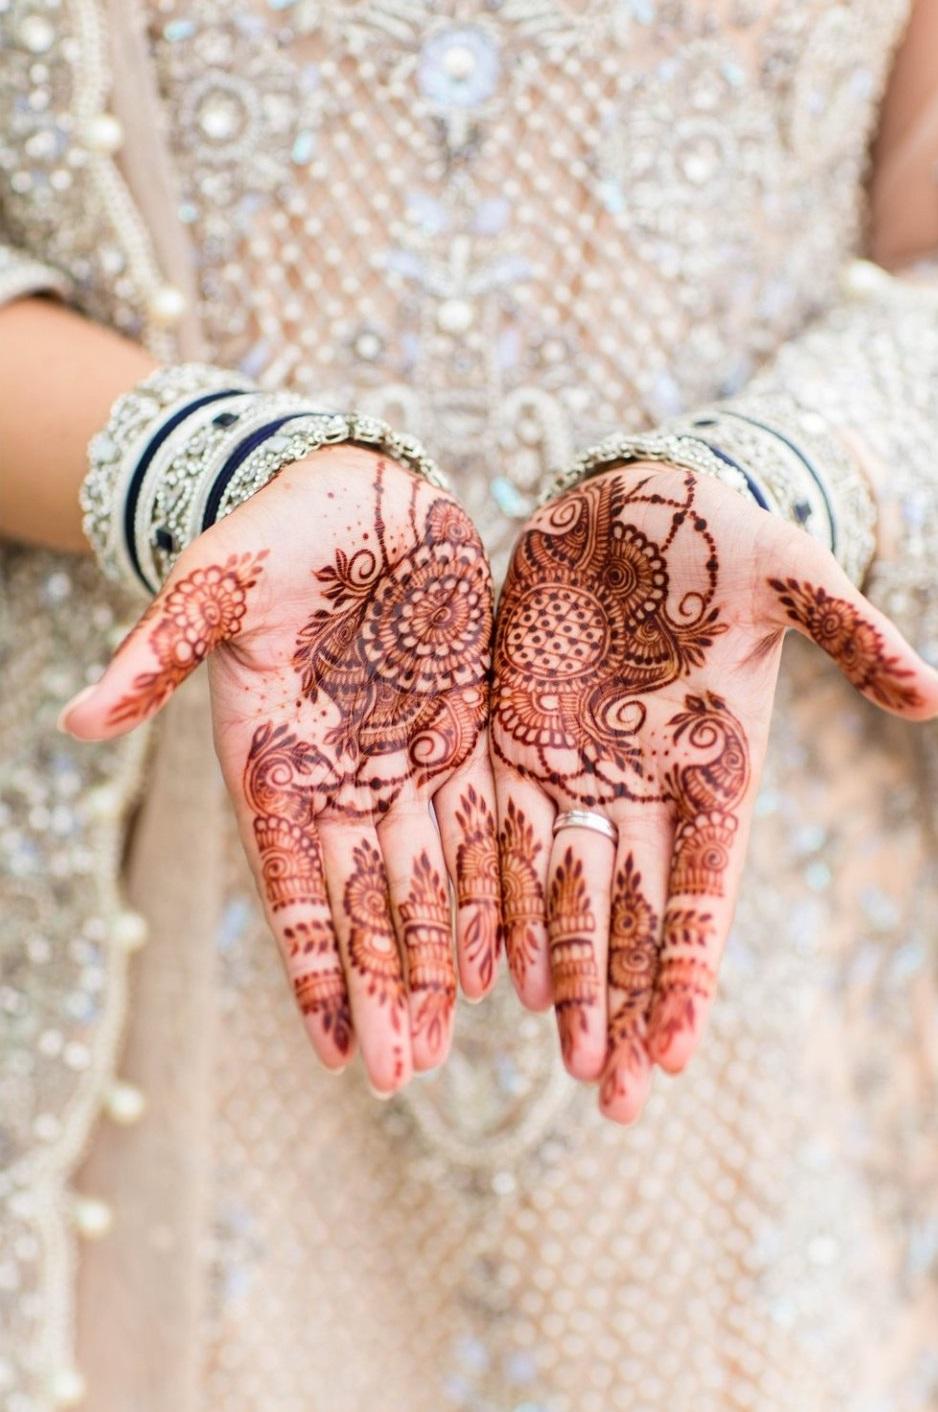 Bridal henna op de handen